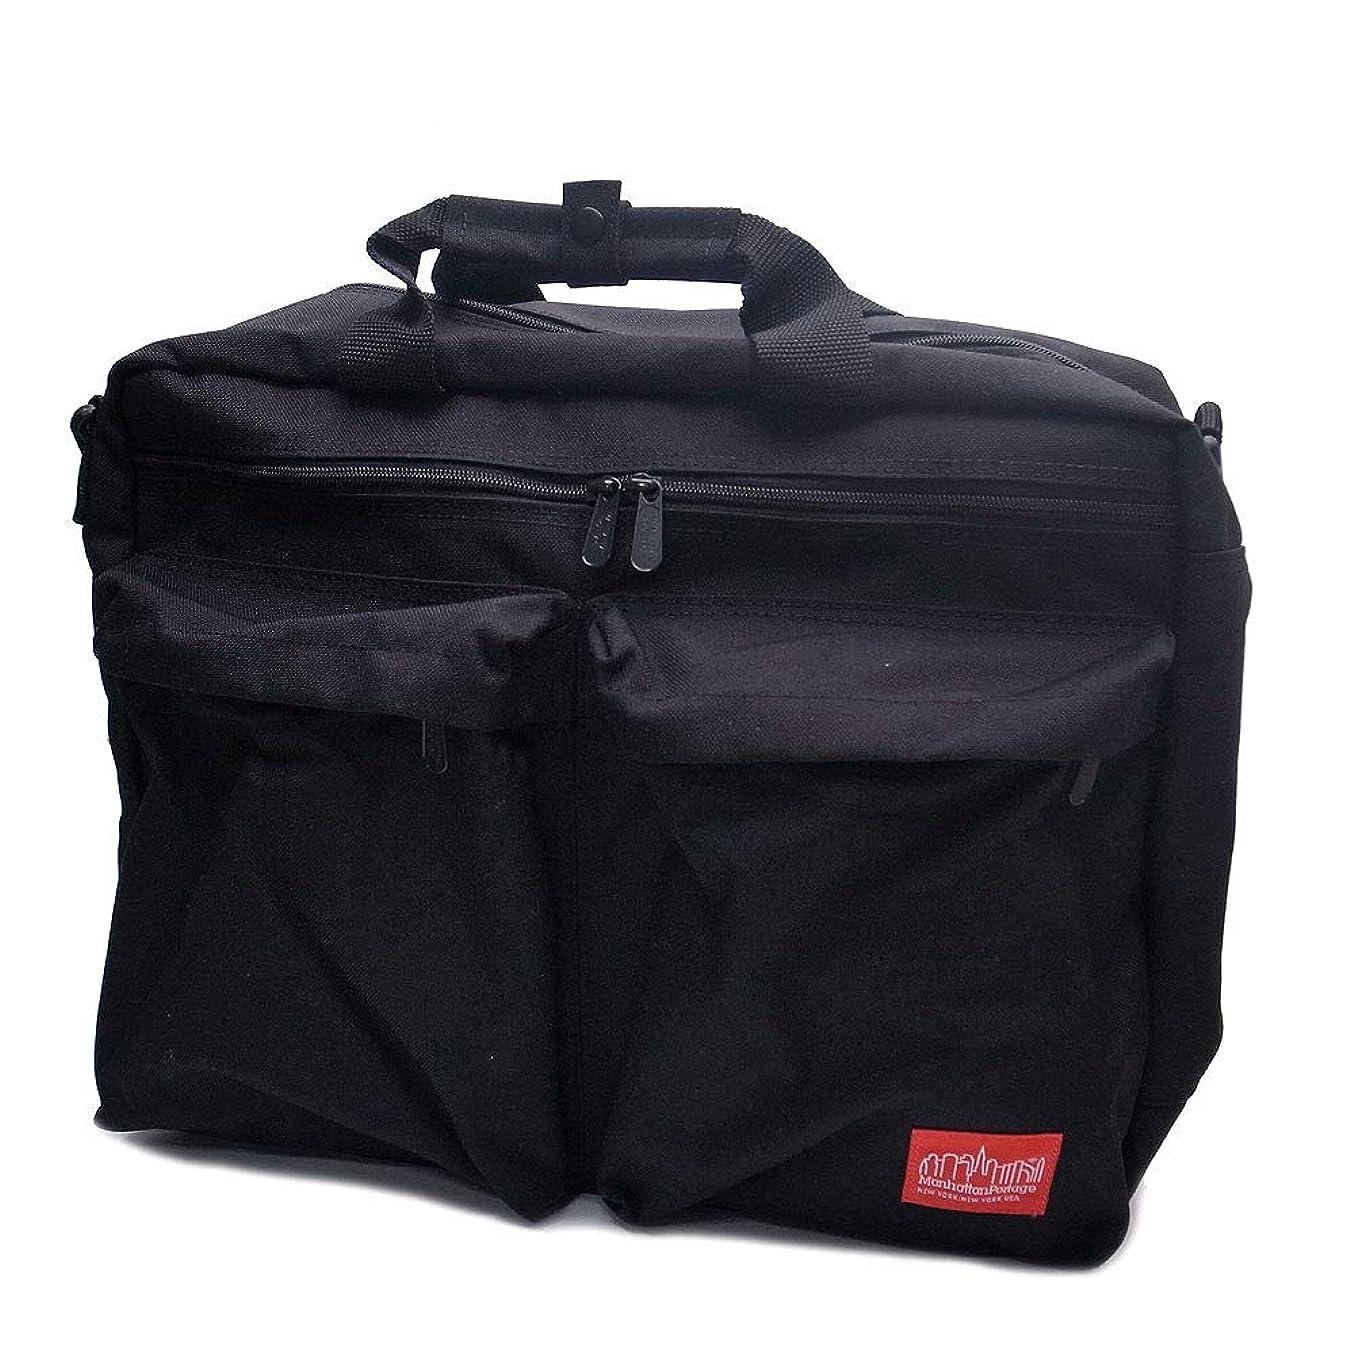 辞書証明オークション[マンハッタンポーテージ] 1446 ZH リュック ショルダーバッグ 3WAYトライベッカ ビジネスバッグ Tribeca bag ブラック [並行輸入品]